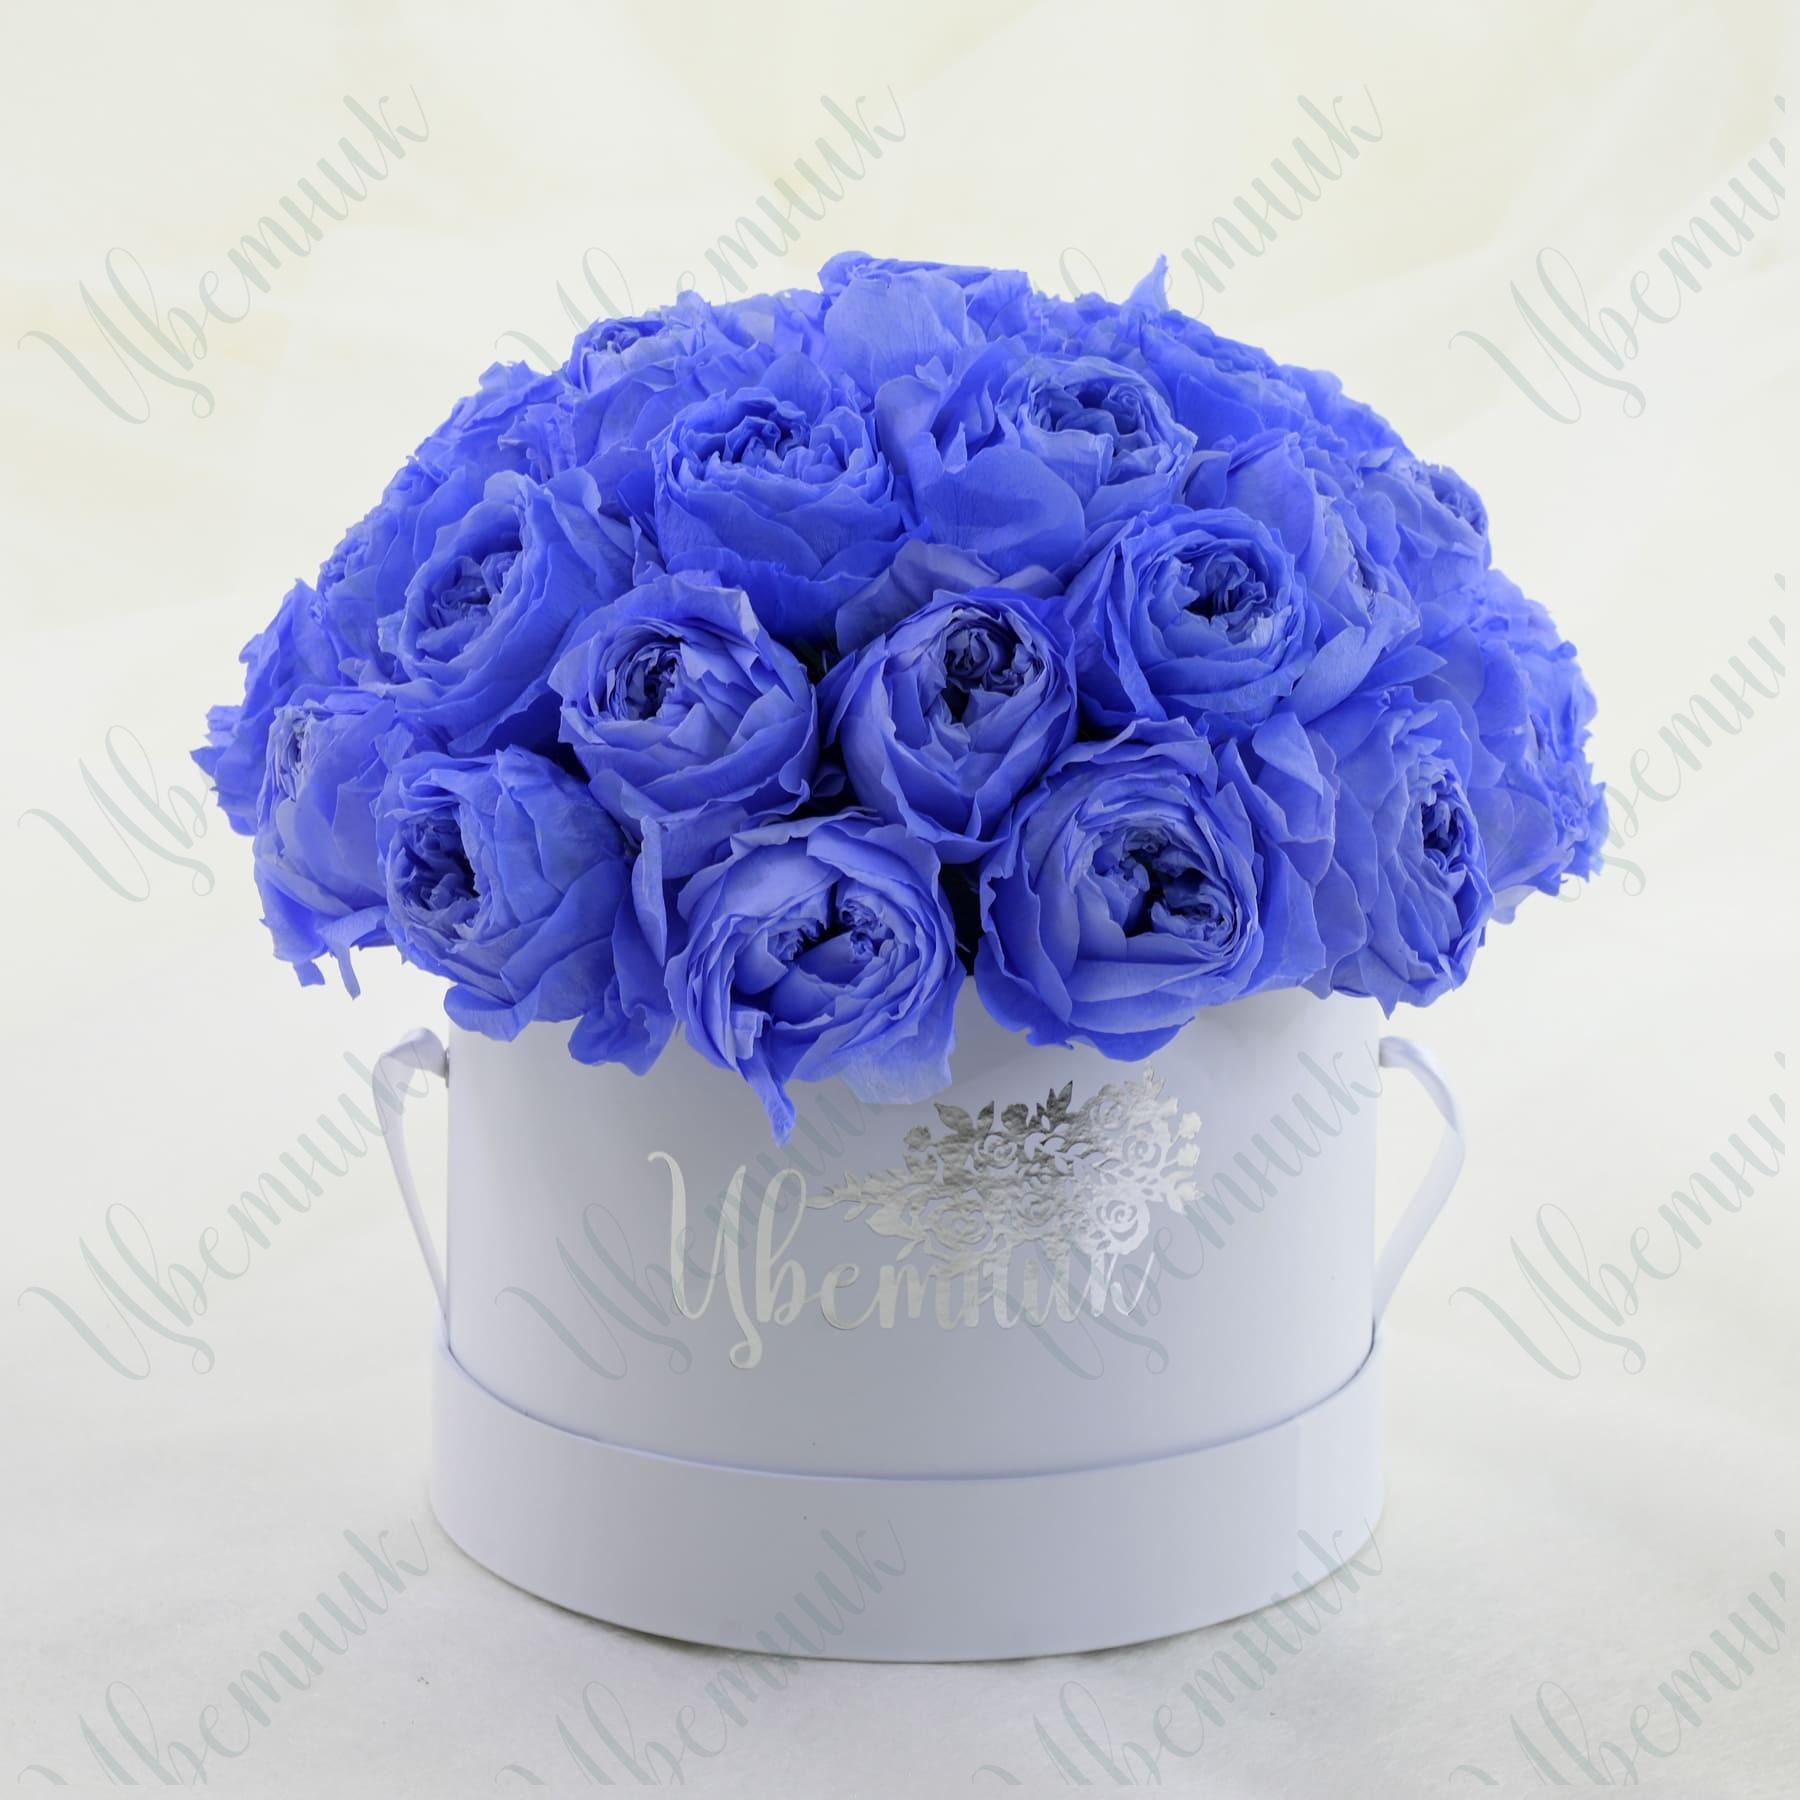 Стабилизированные черничные розы в круглой коробке 34 шт.